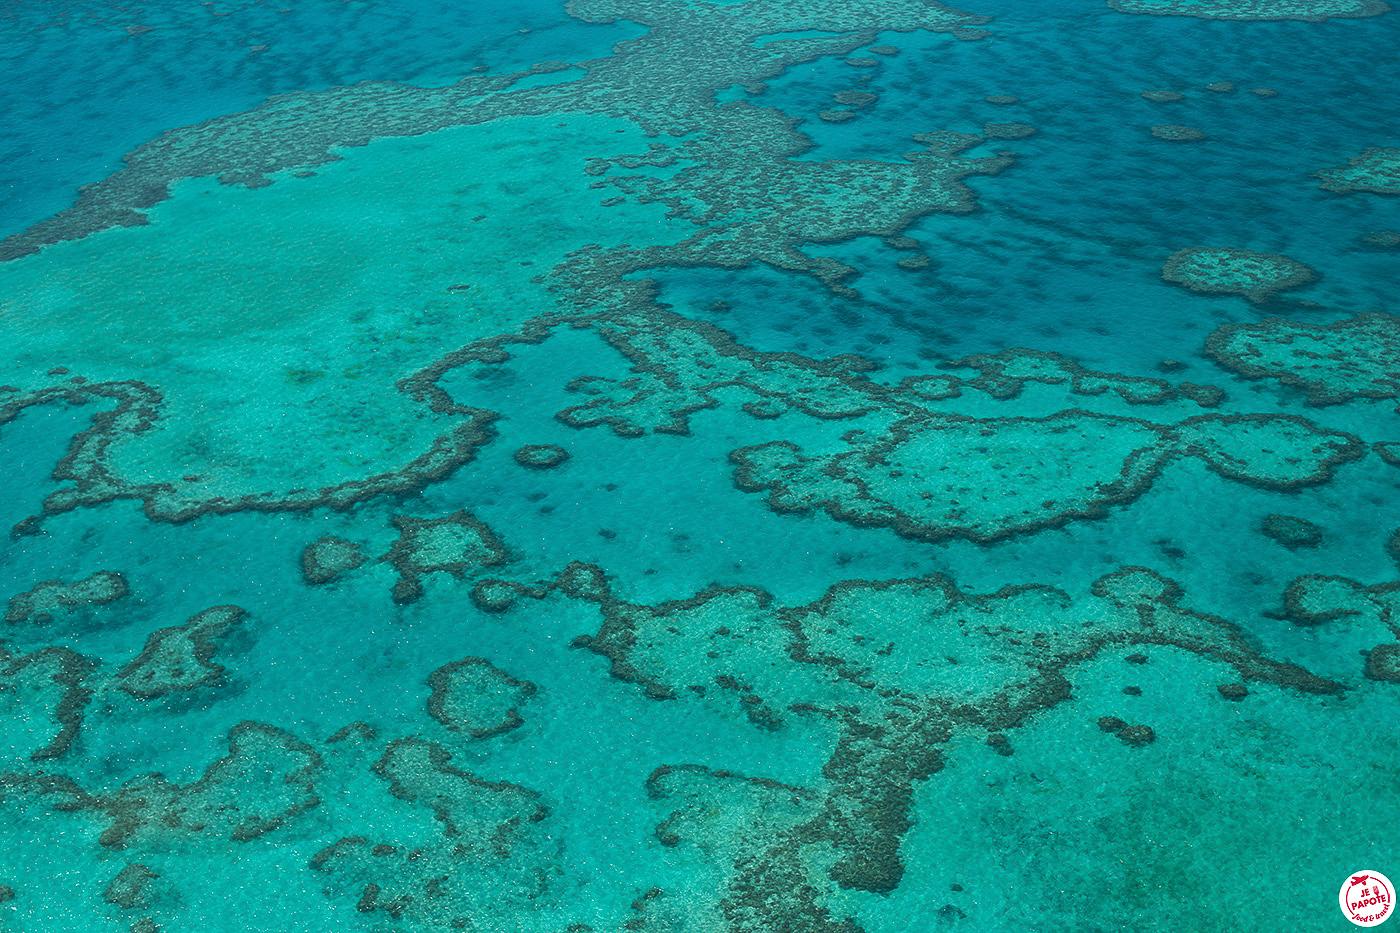 Grande barrière de corail en voyage en Australie en 2020